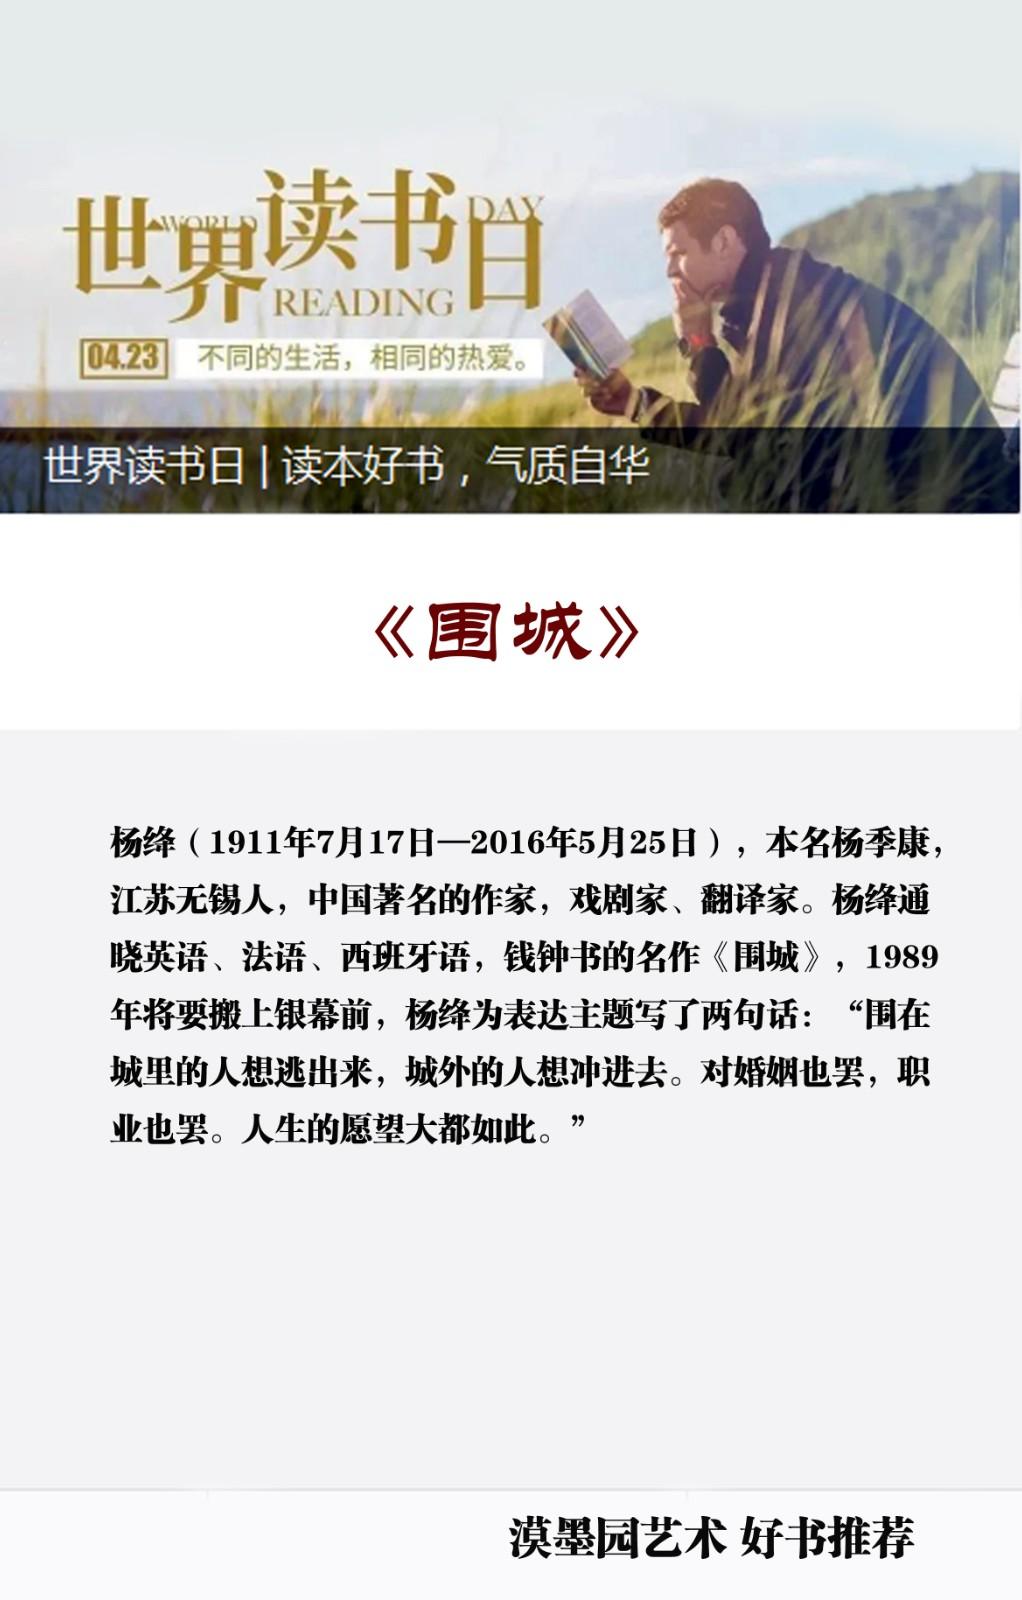 4 23国际读书日   漠墨园艺术好书推荐_图1-1